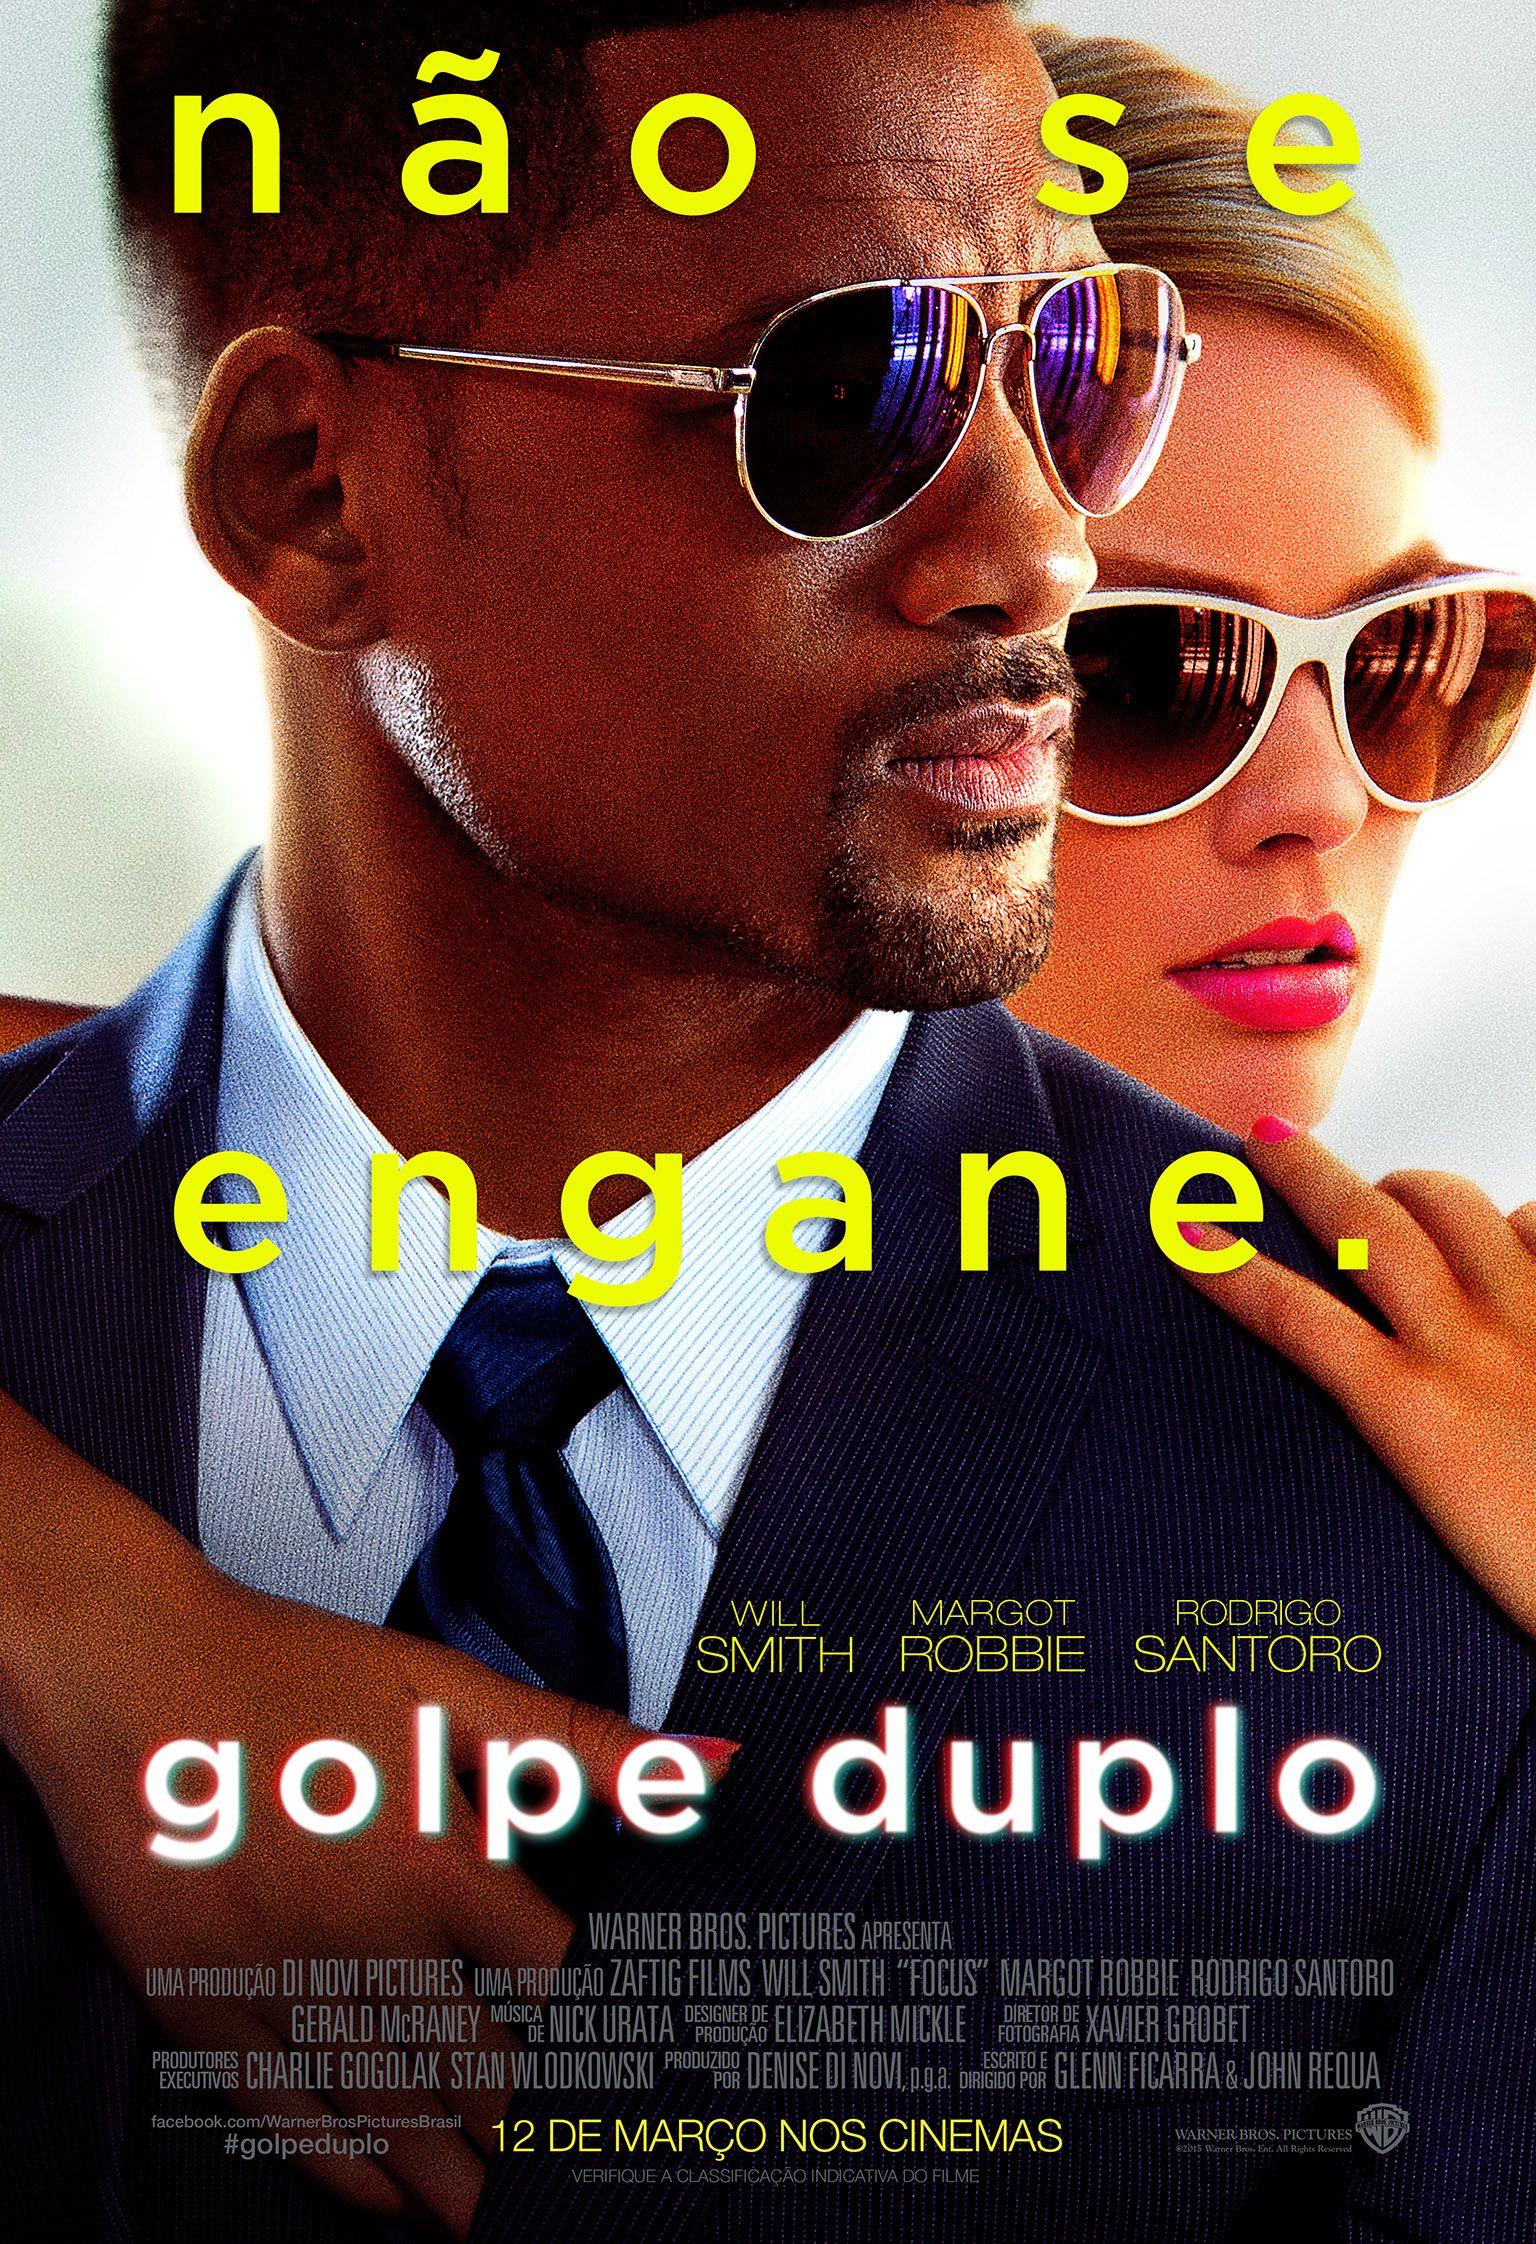 Golpe Duplo Estreia Em 26 De Fevereiro Trailer Http Youtu Be